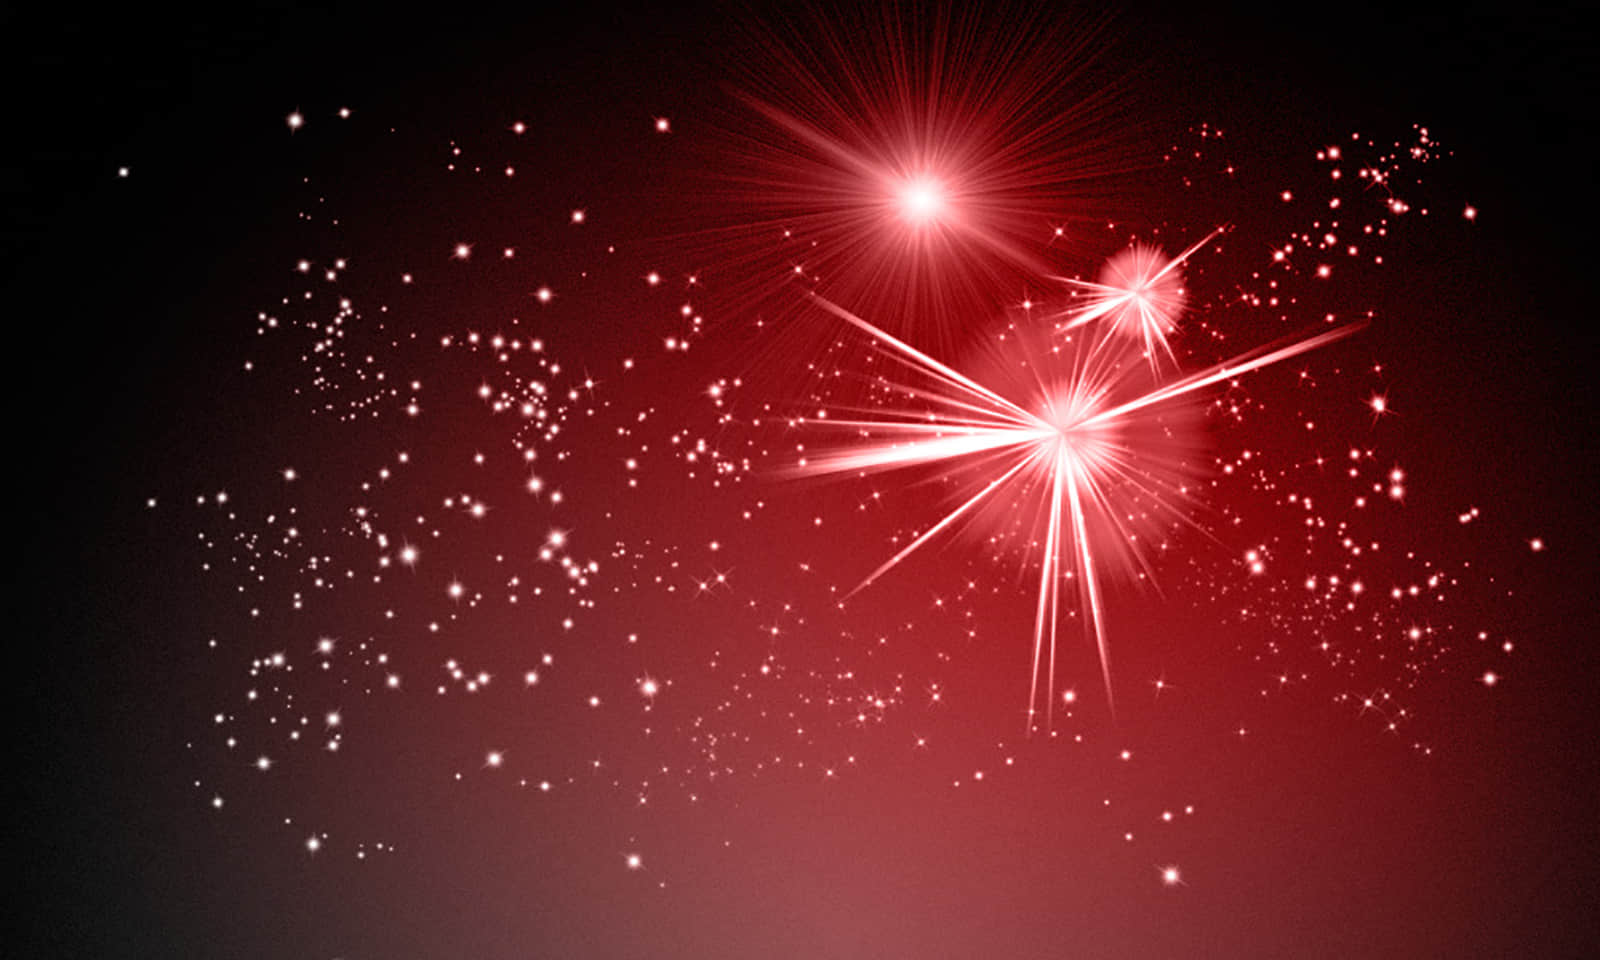 星光、闪光效果Photoshop笔刷素材